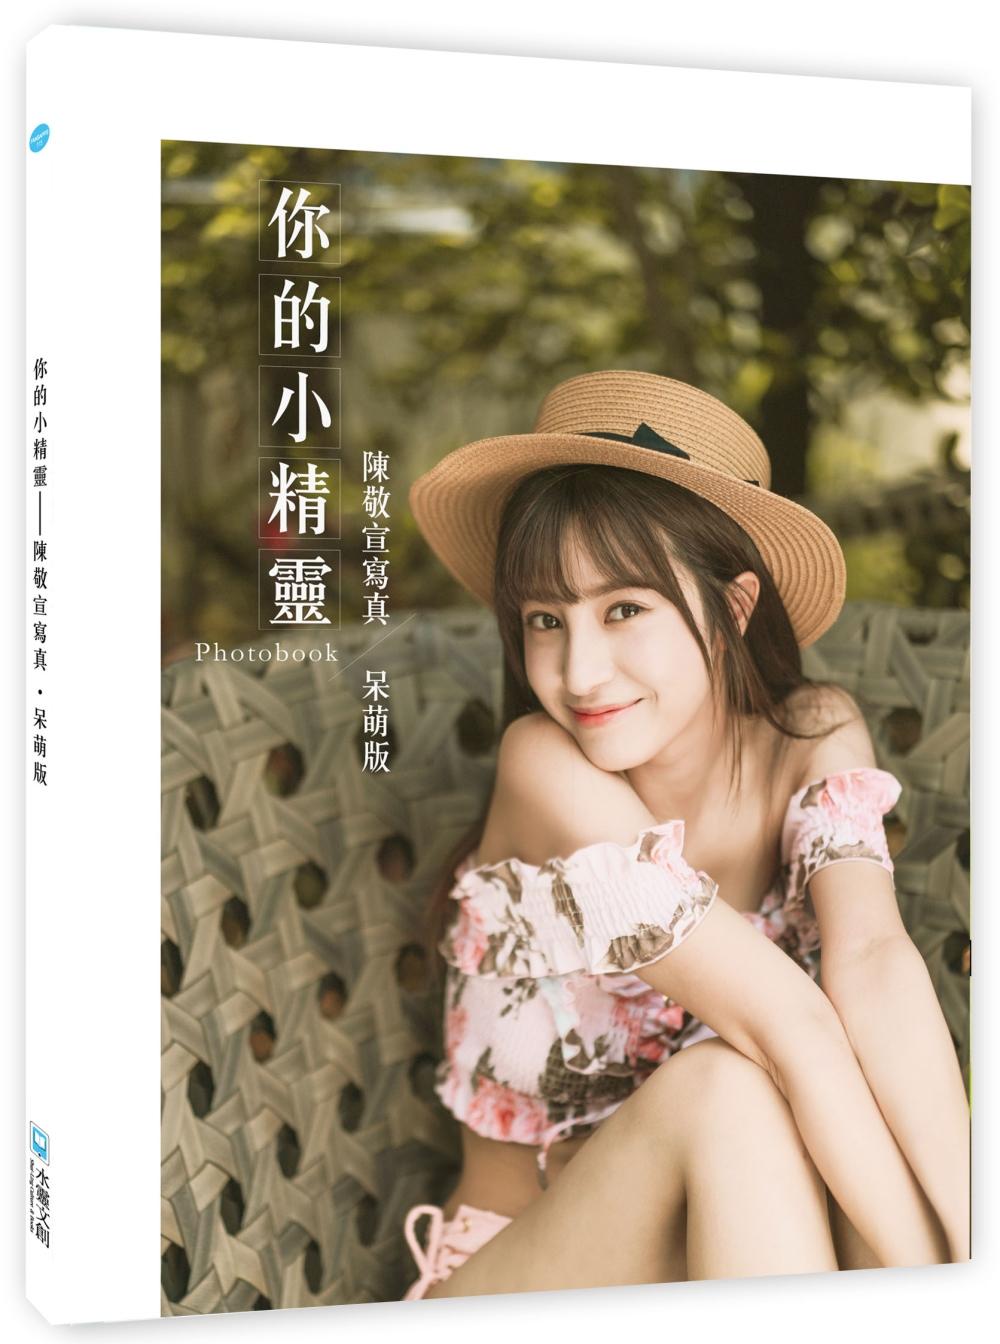 你的小精靈:陳敬宣寫真【呆萌版】photobook